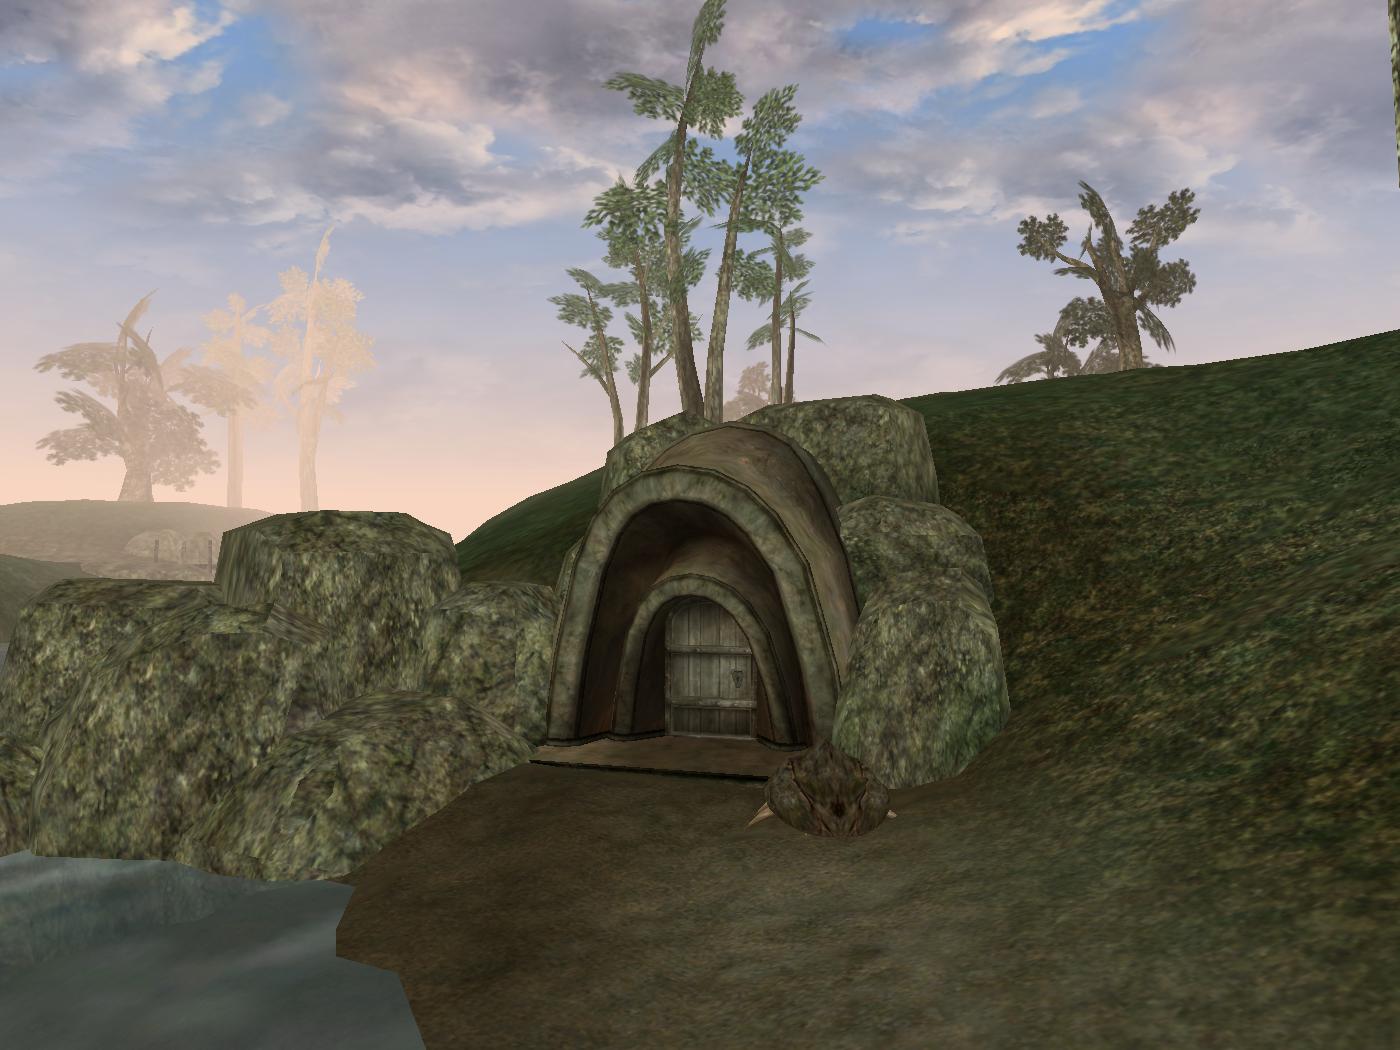 Othrelas Ancestral Tomb (Morrowind)